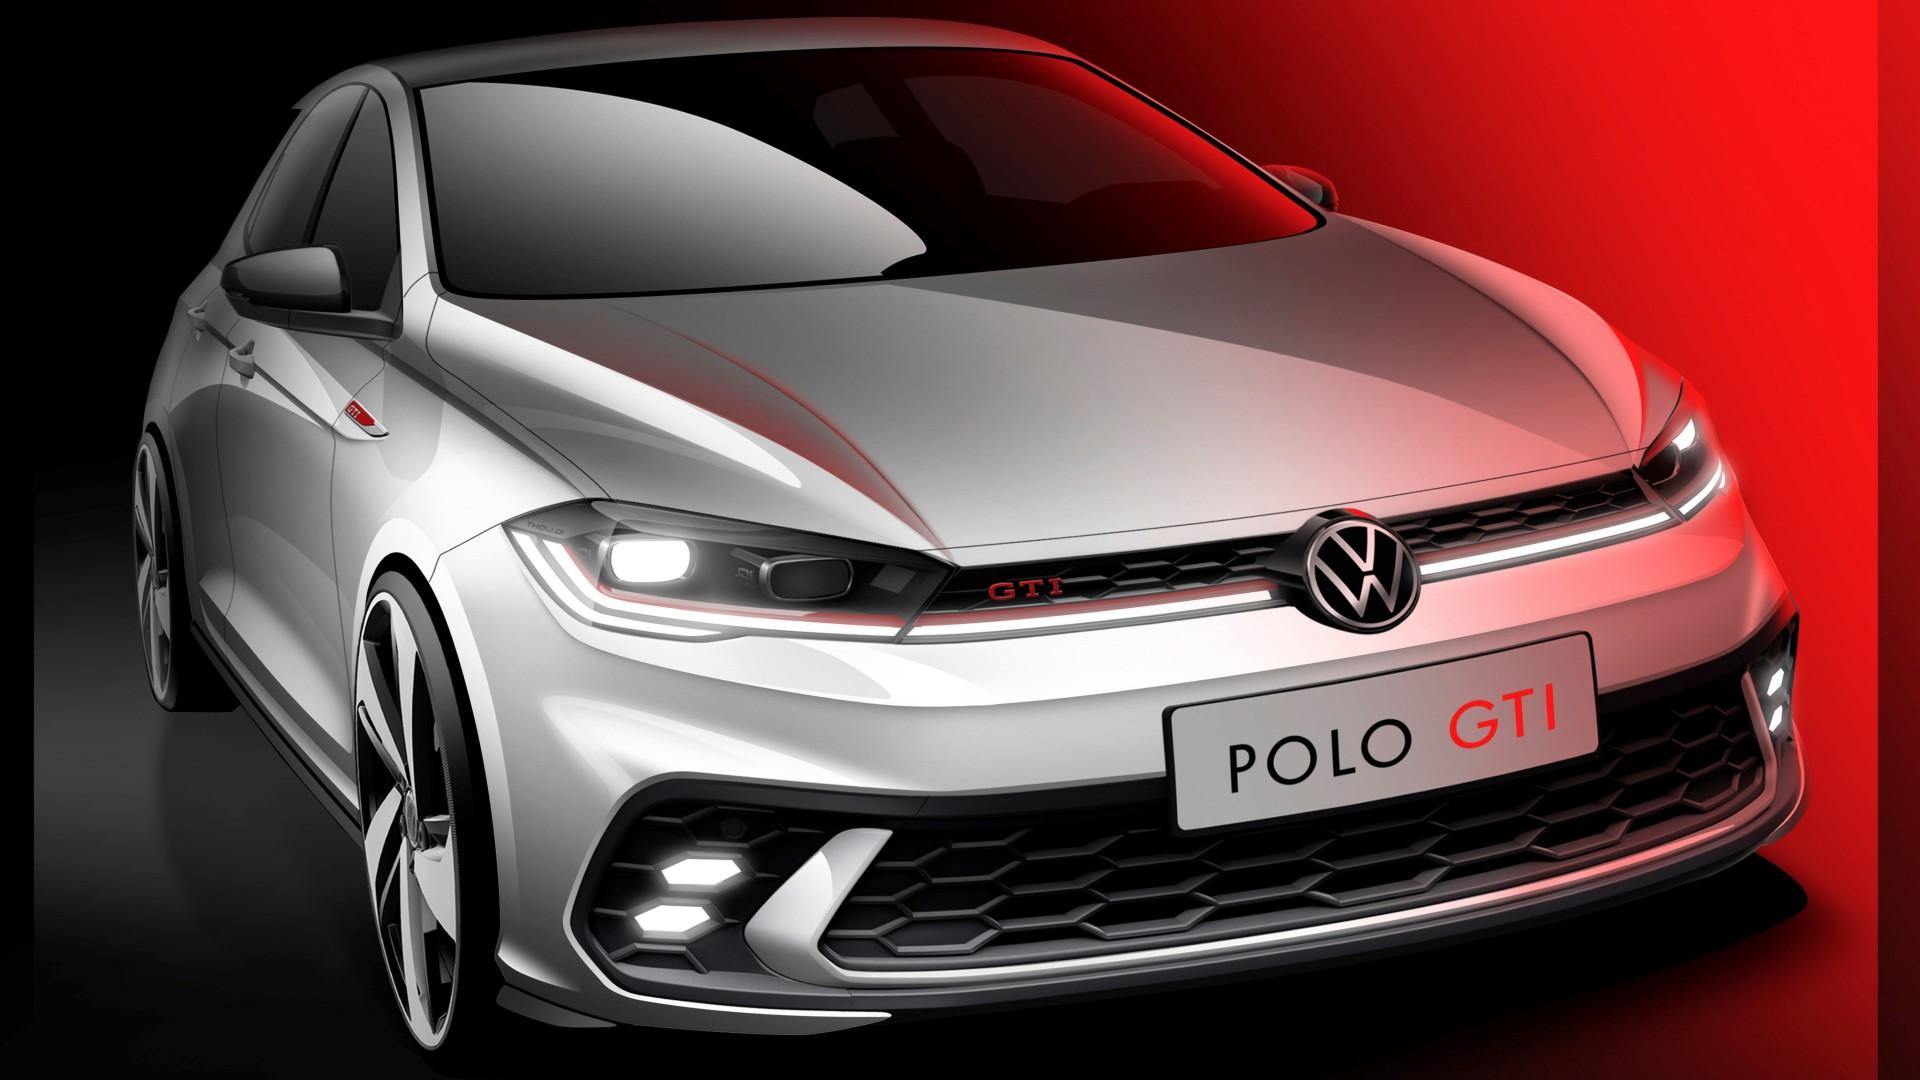 El Volkswagen Polo GTI se muestra tímidamente en estos bocetos